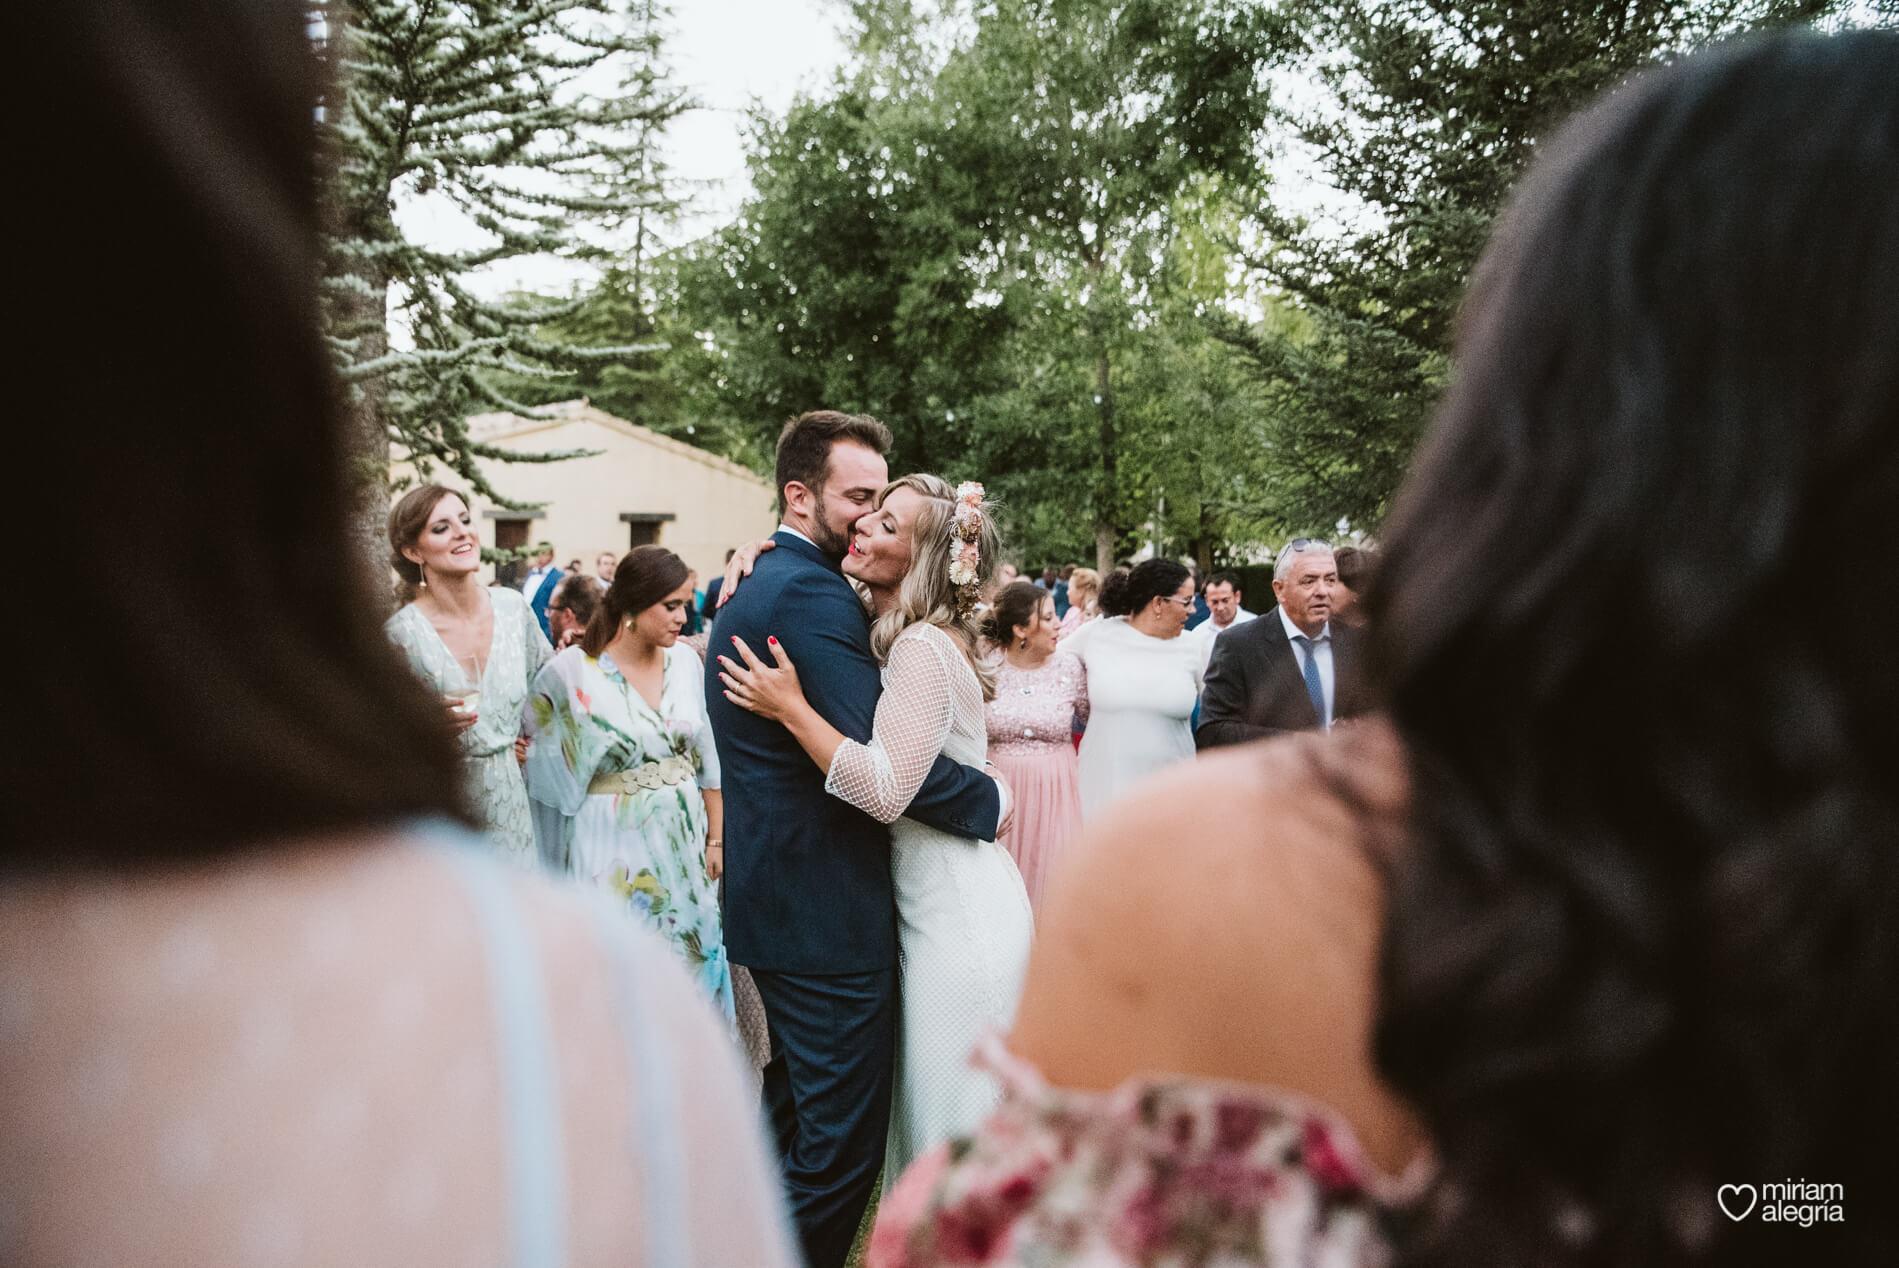 boda-en-collados-miriam-alegria-cayetana-ferrer-100